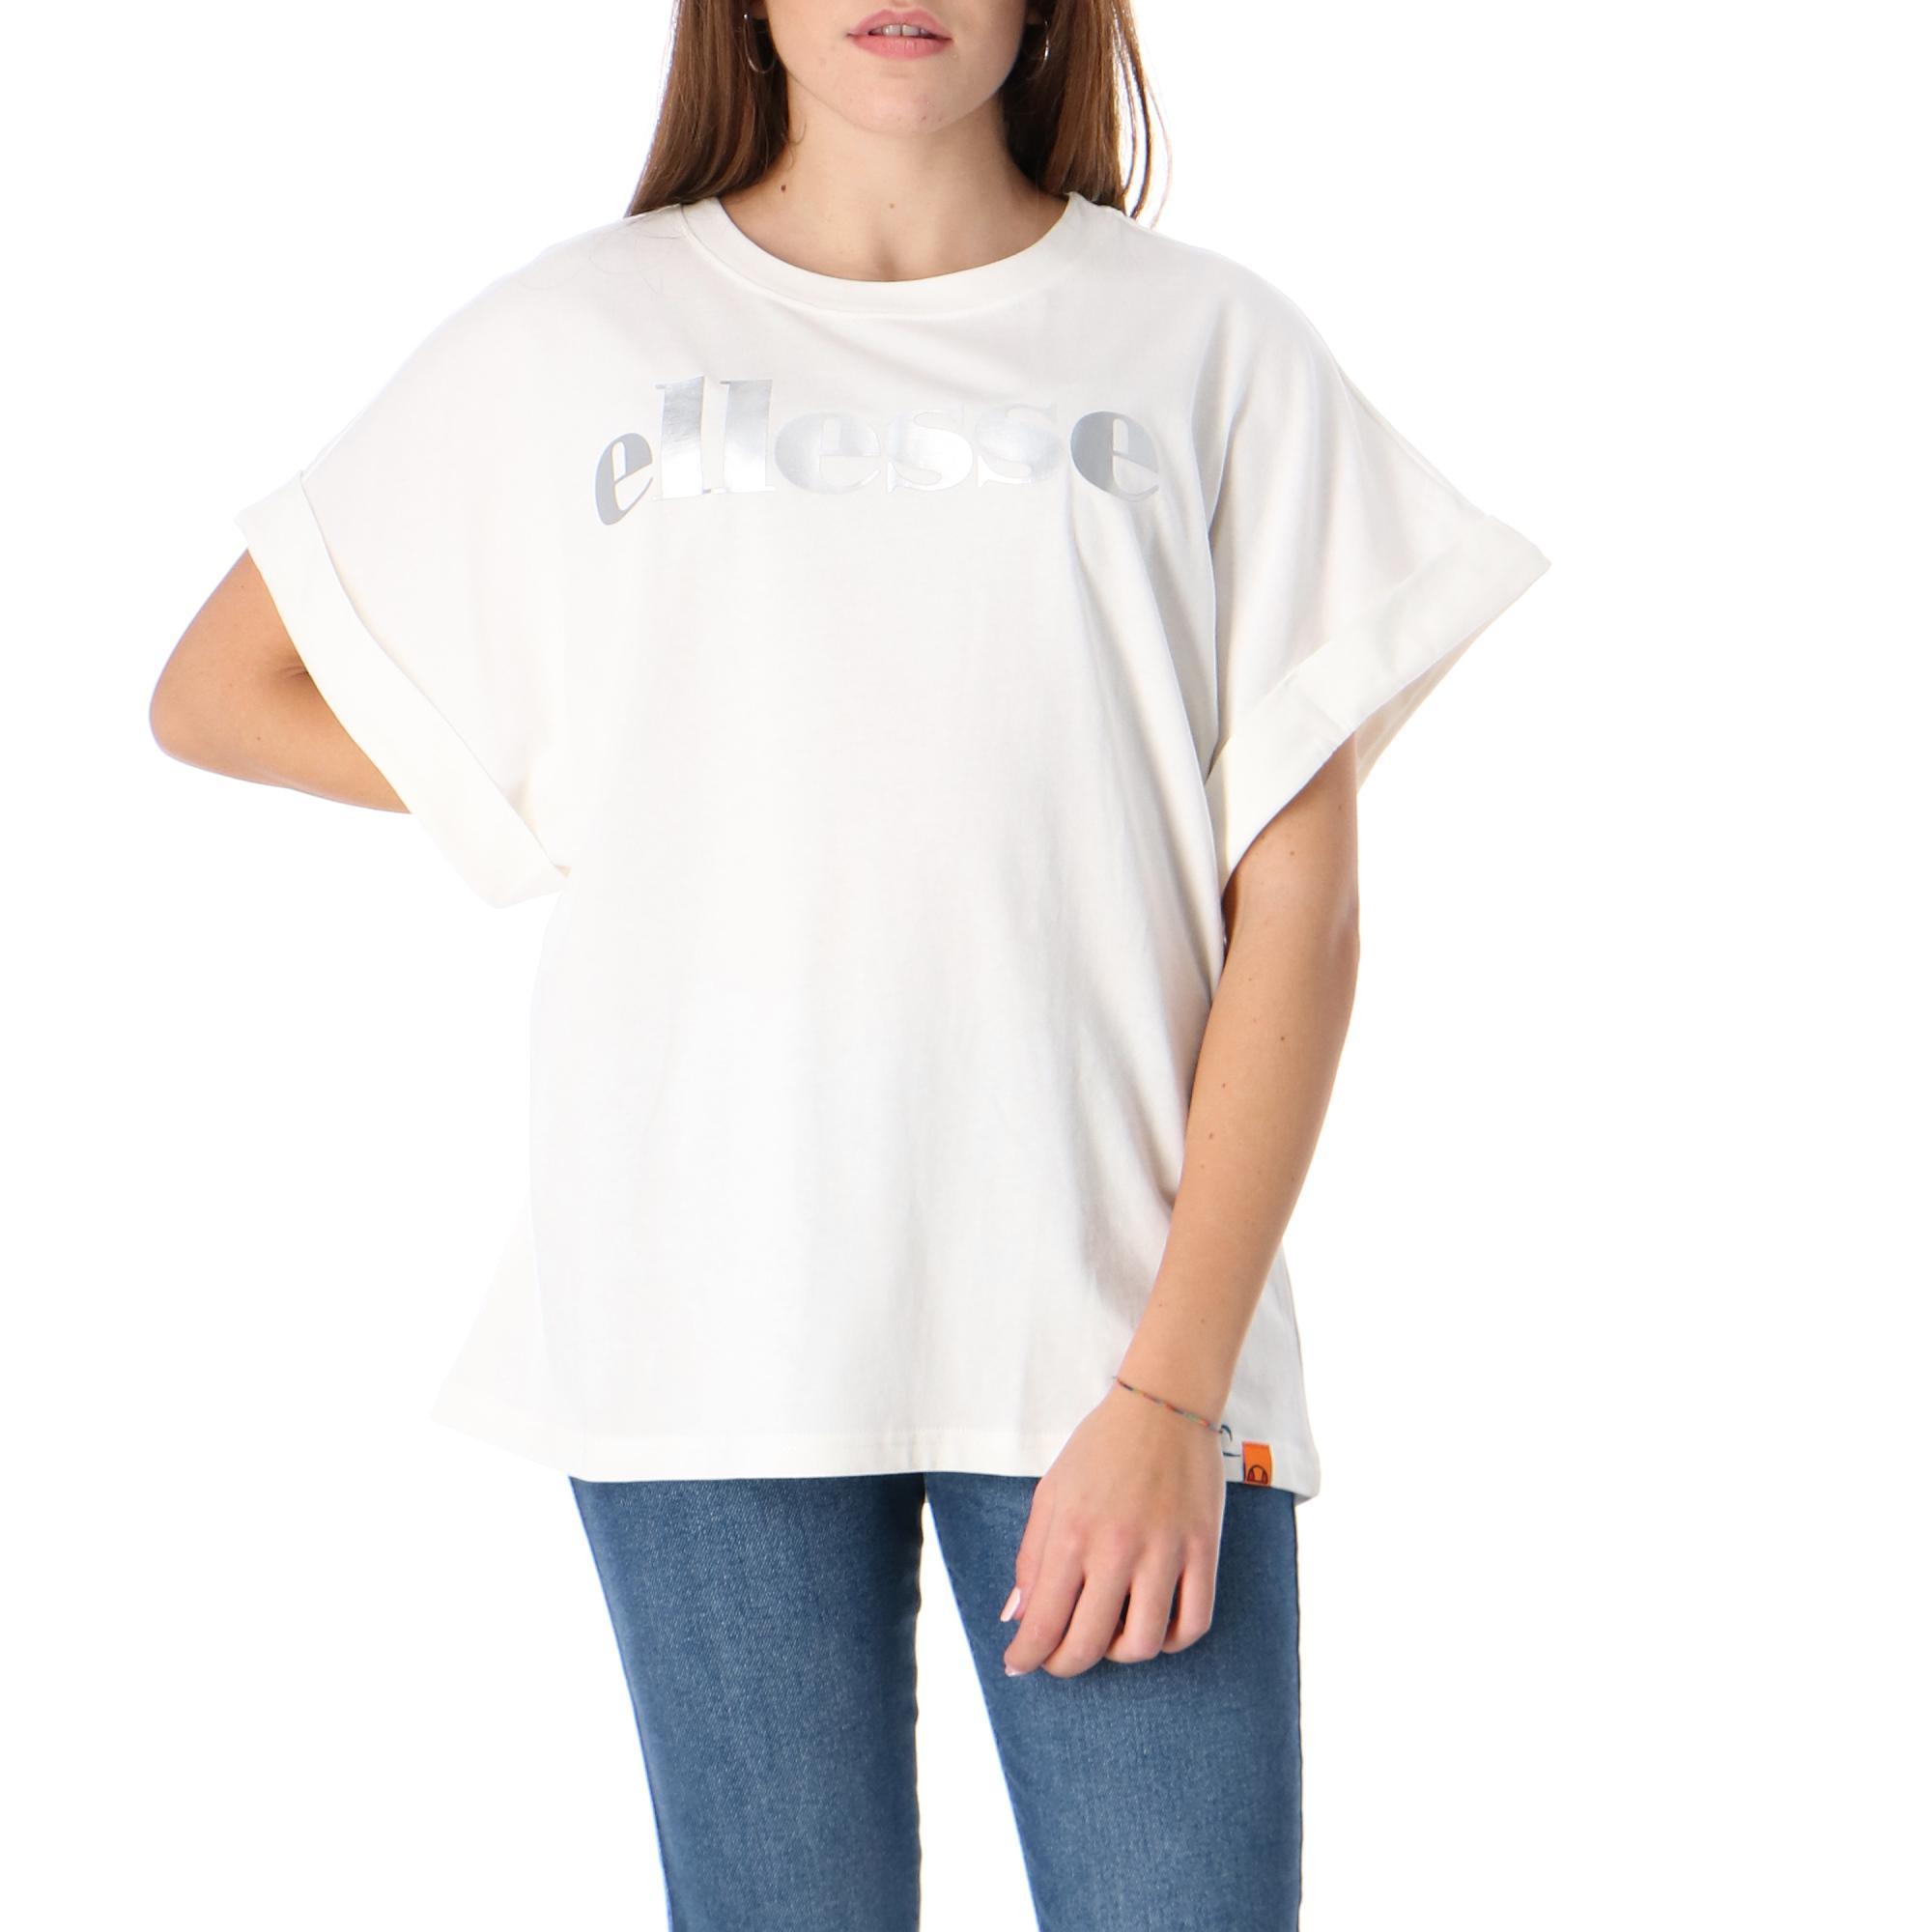 Ellesse T-shirt Kimono Brillant white